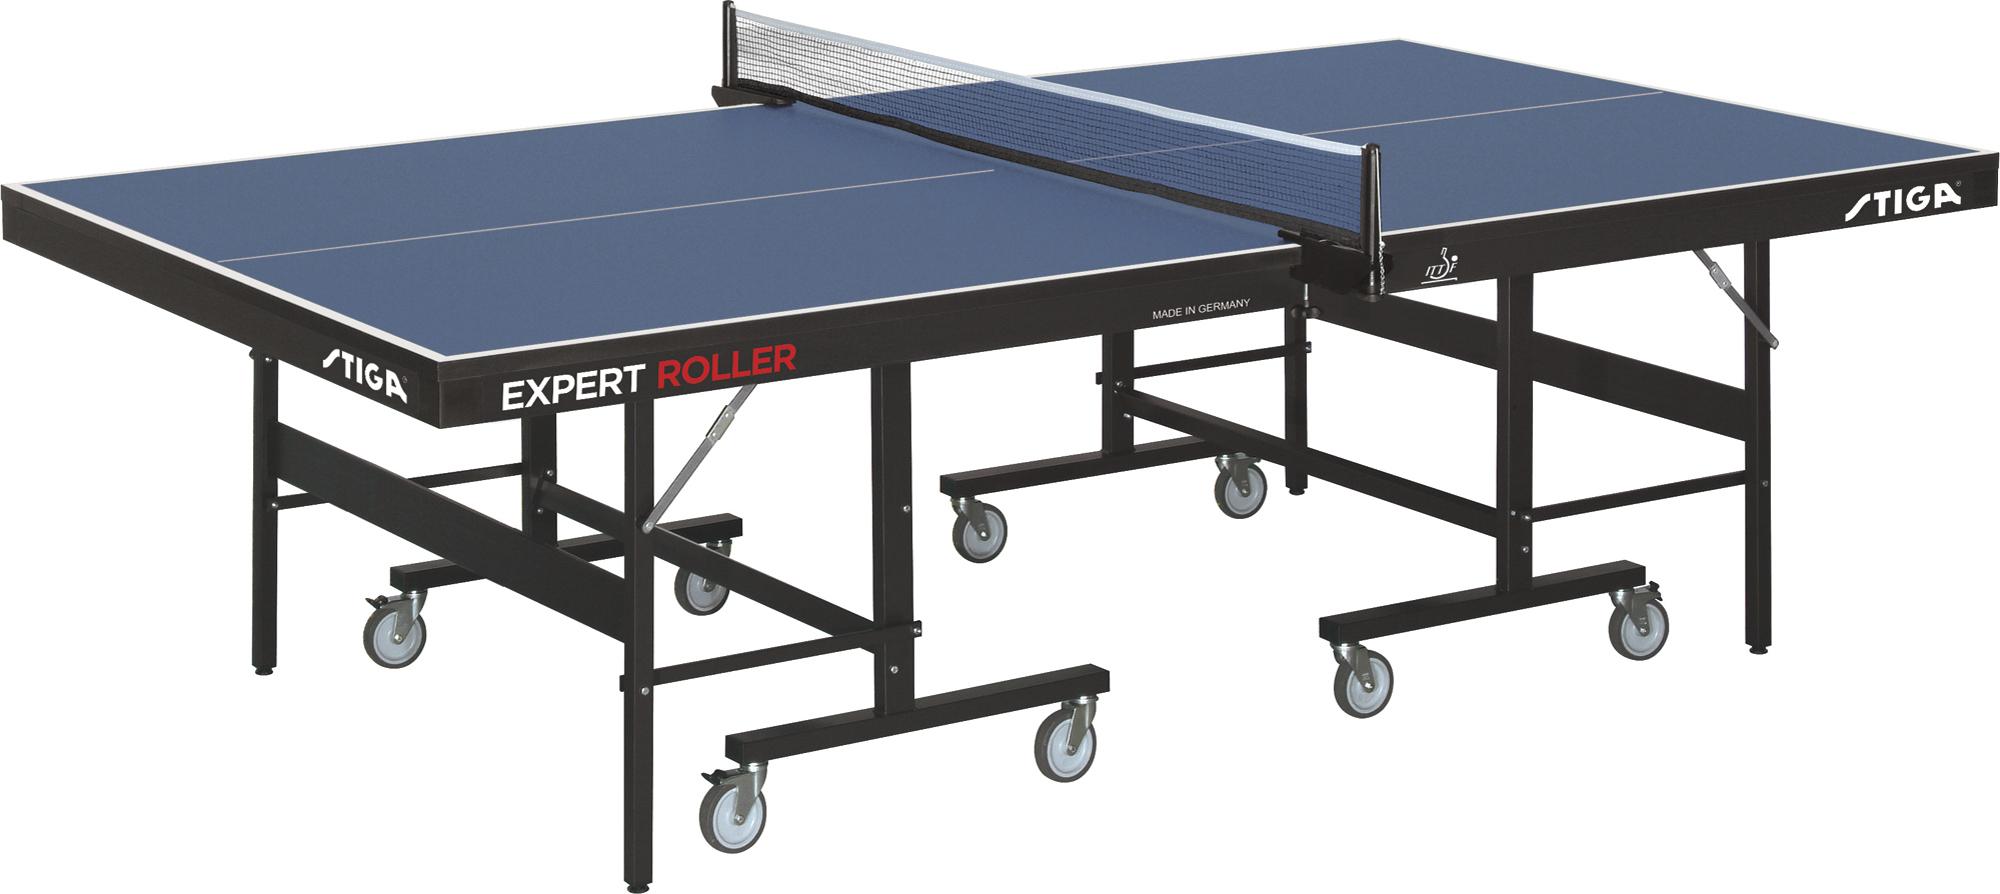 цена на Stiga Теннисный стол для помещений Stiga Expert Roller CSS